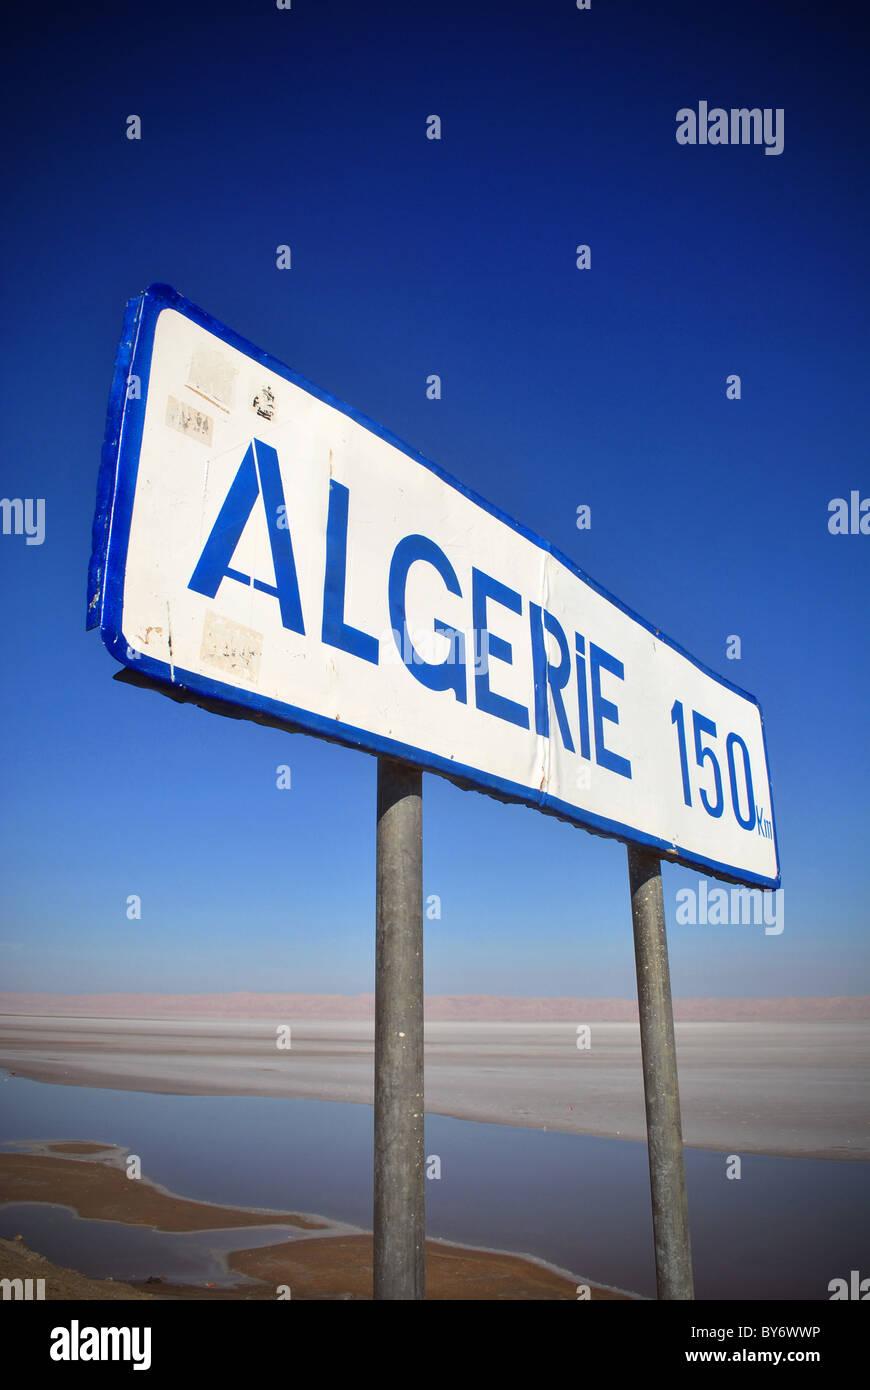 Ein Schild auf dem Weg nach Algerien in der Nähe von Tozeur, Tunesien Stockbild